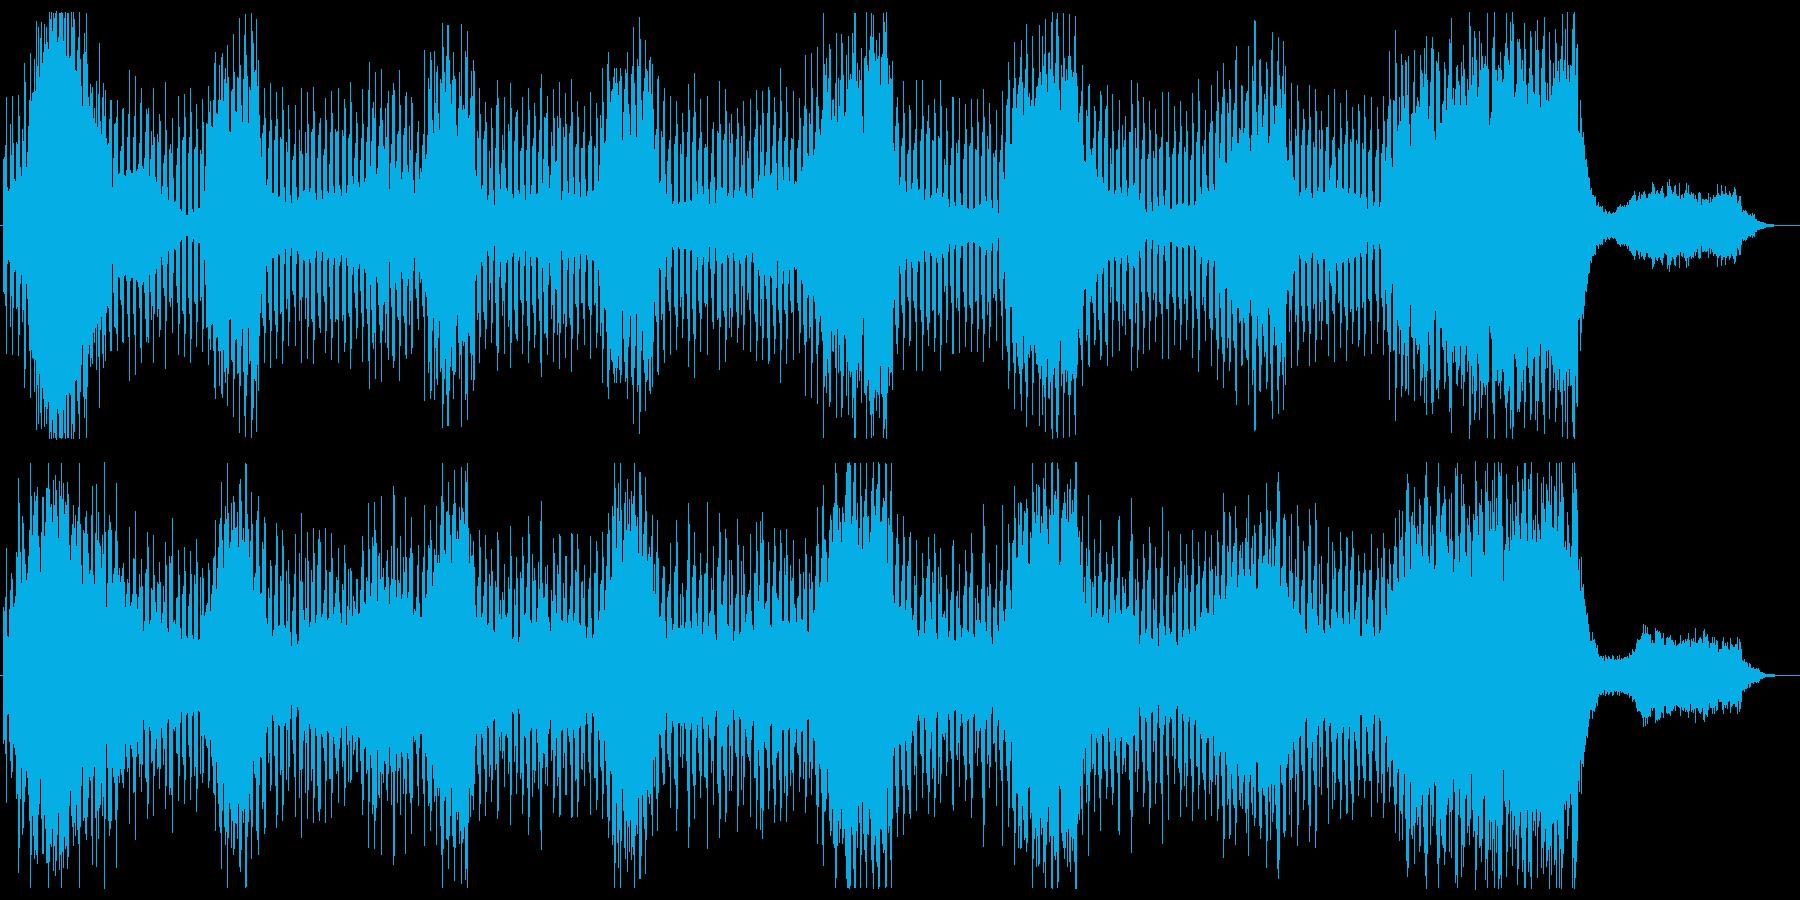 ダークでホラーなBGM 恐怖科感の演出の再生済みの波形